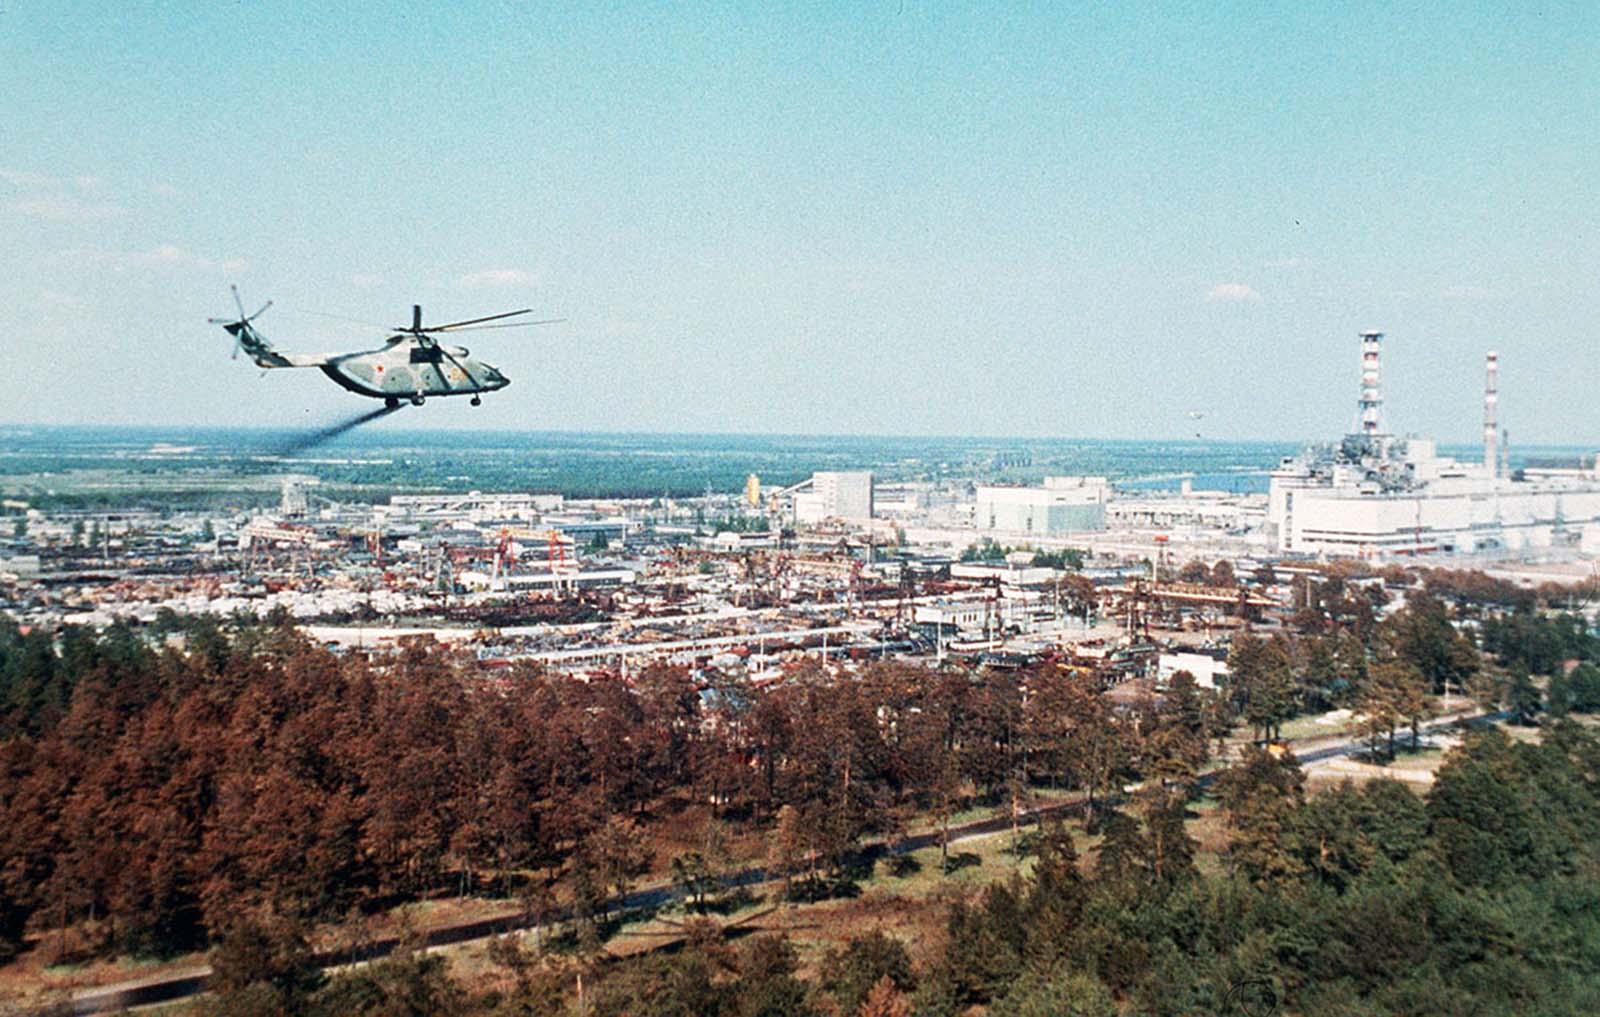 Съветски хеликоптер разпръзква специална лепкава течност, предназначена да предотврати разпръскването на радиокатвините частици.